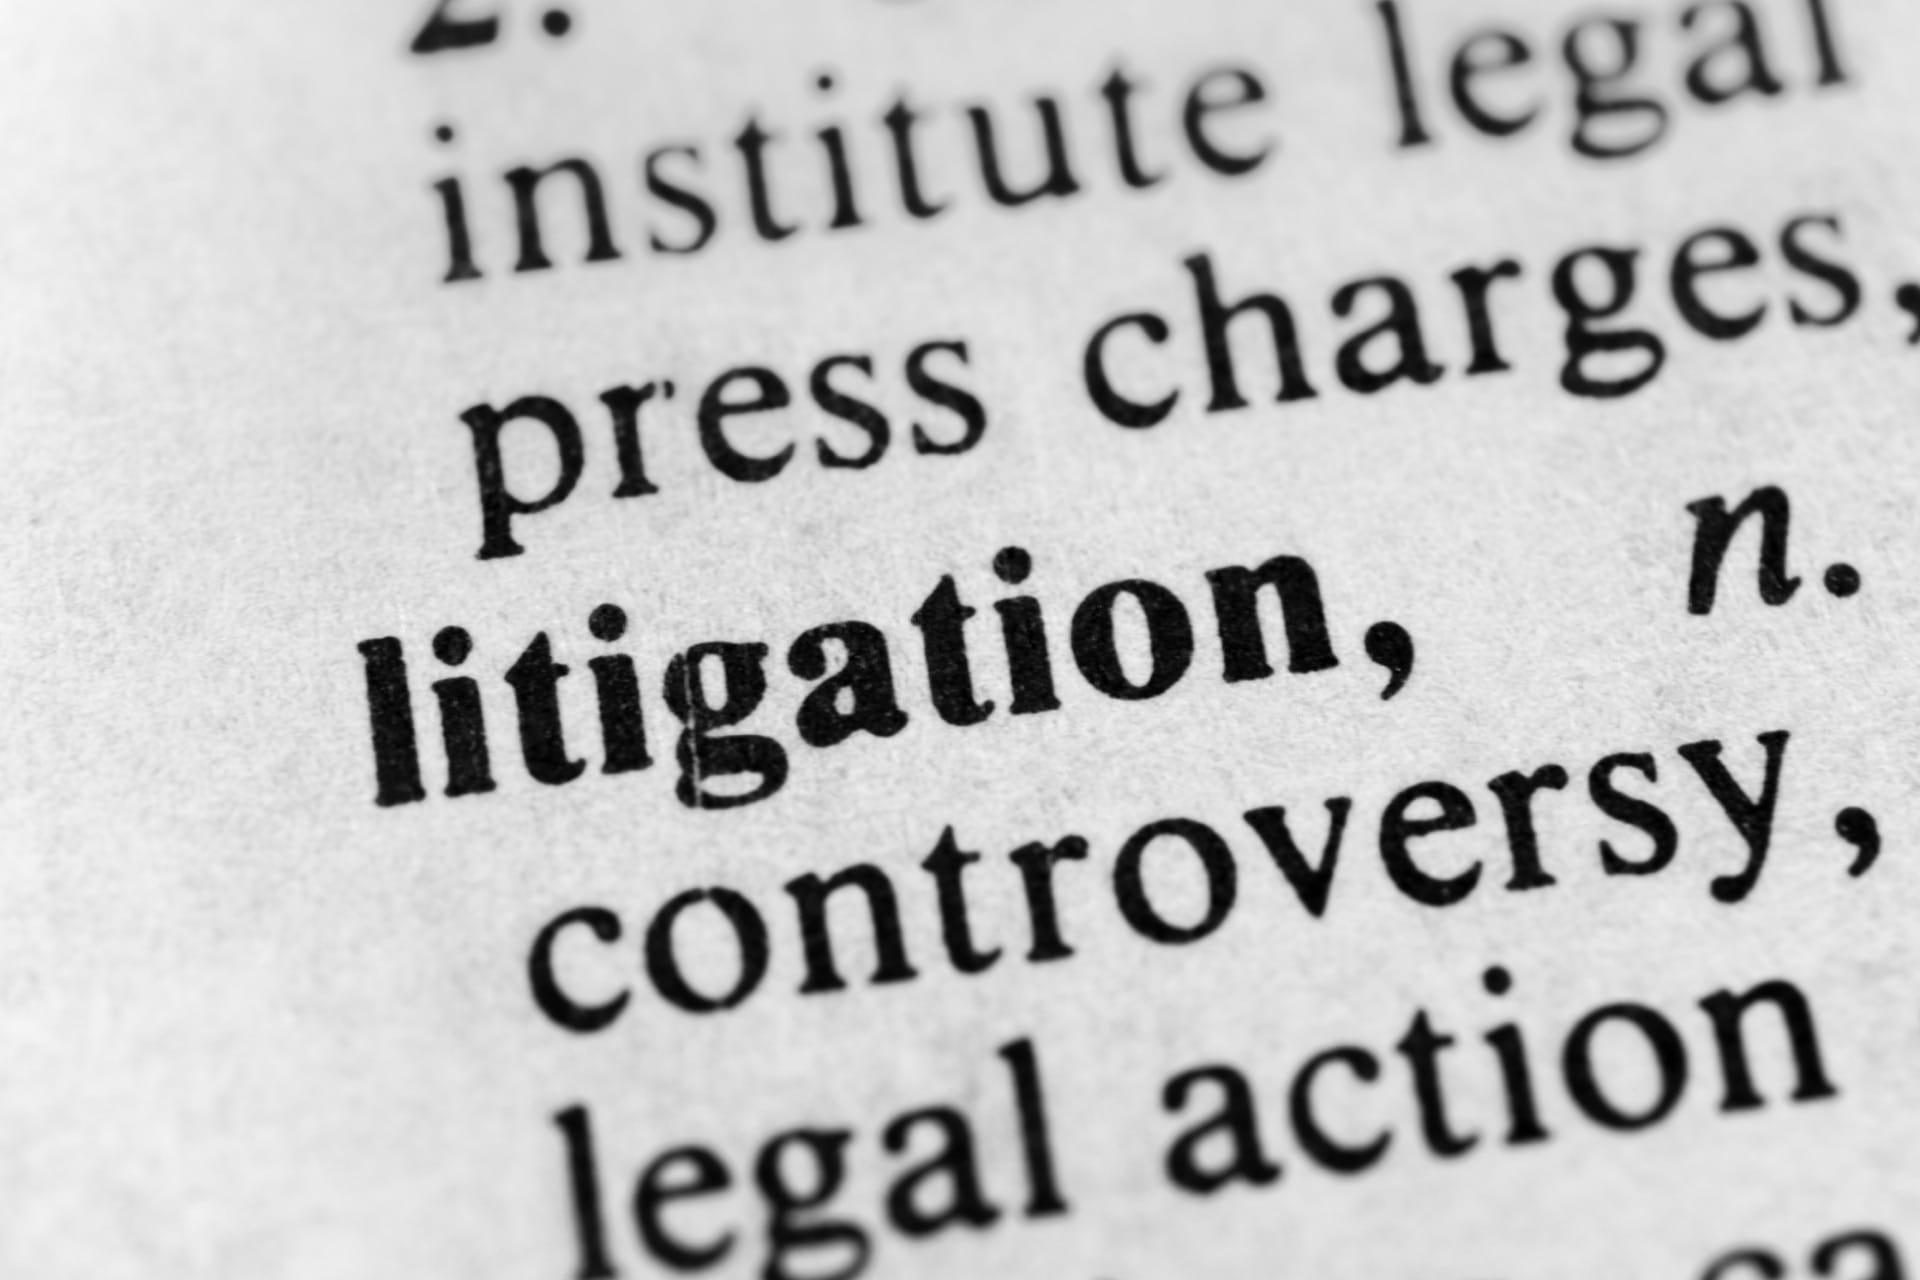 Fondement juridique de la demande d'indemnité de rupture brutale des relations commerciales établies